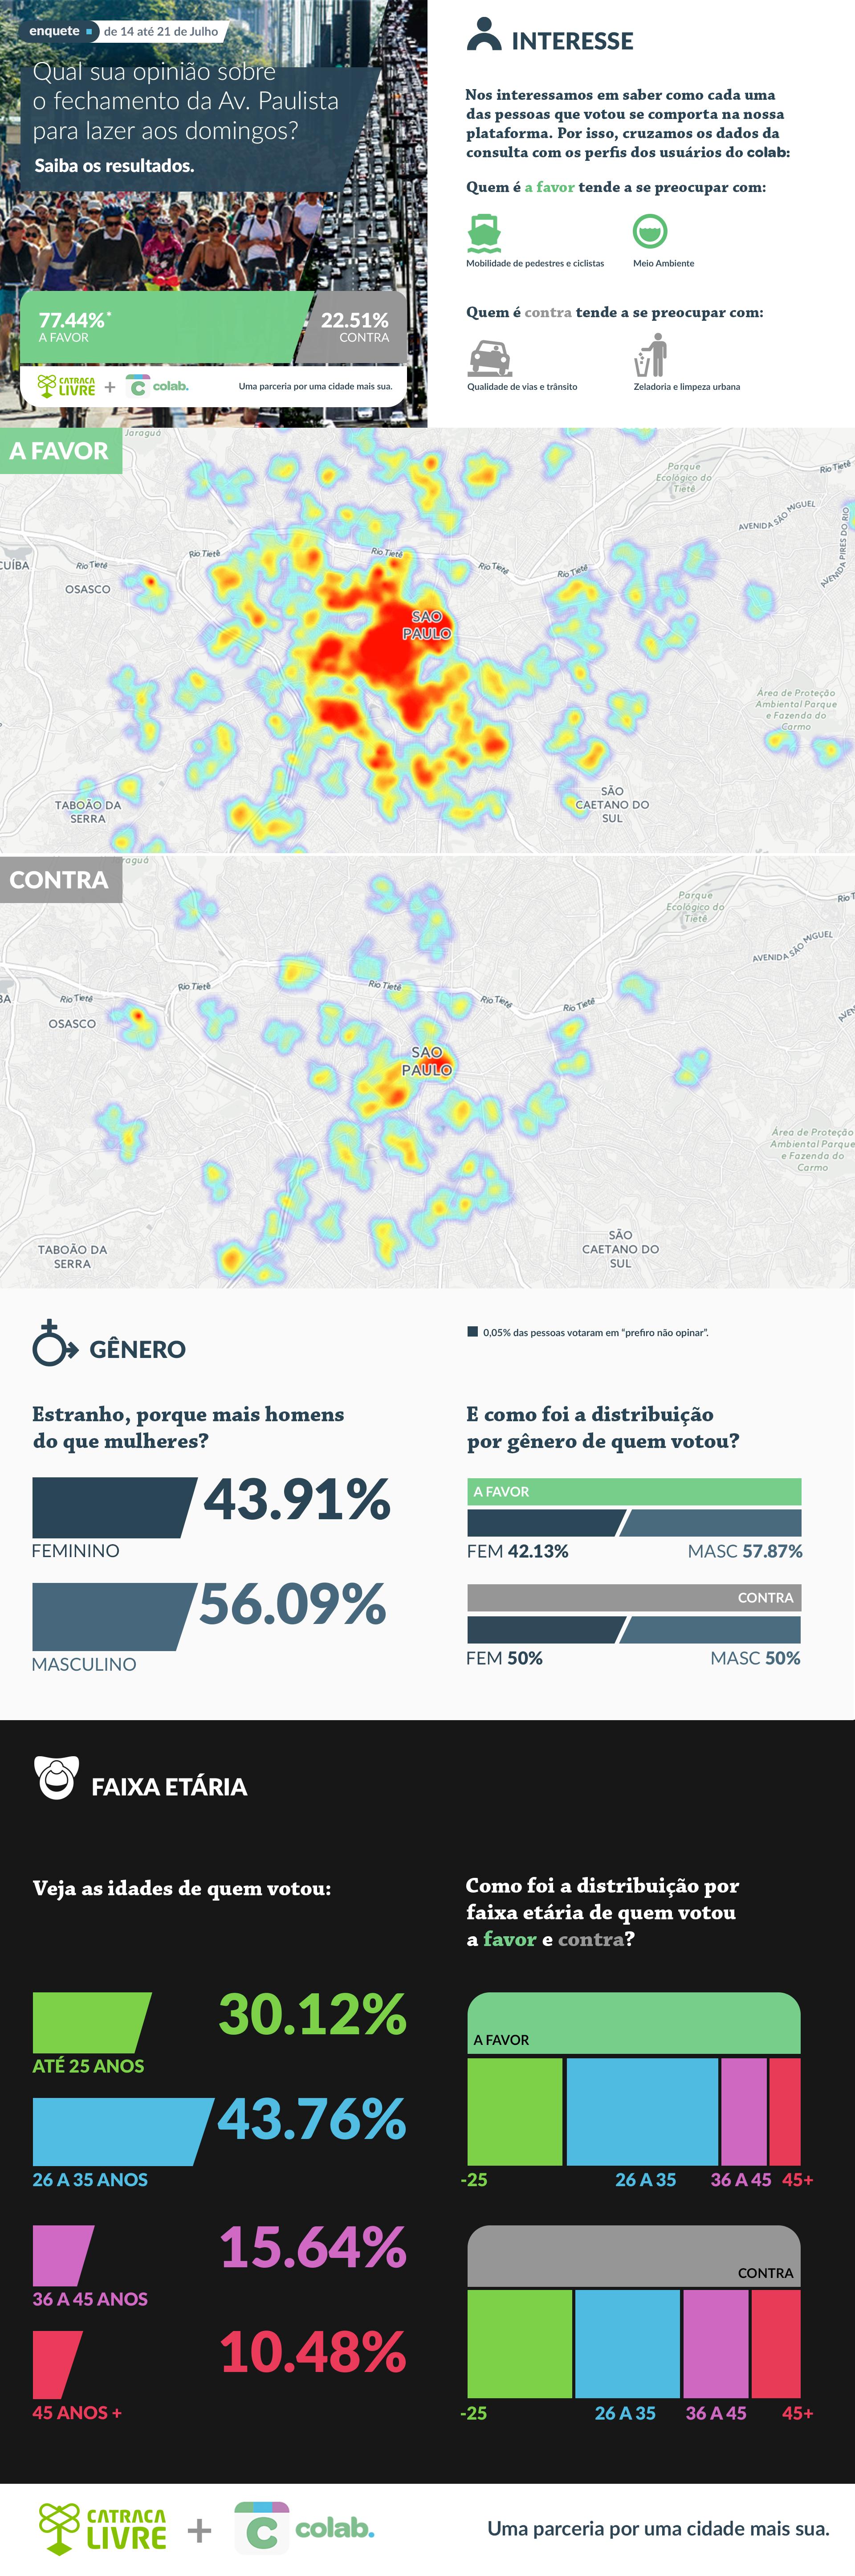 Imagem que apresenta o perfil dos participantes da consulta